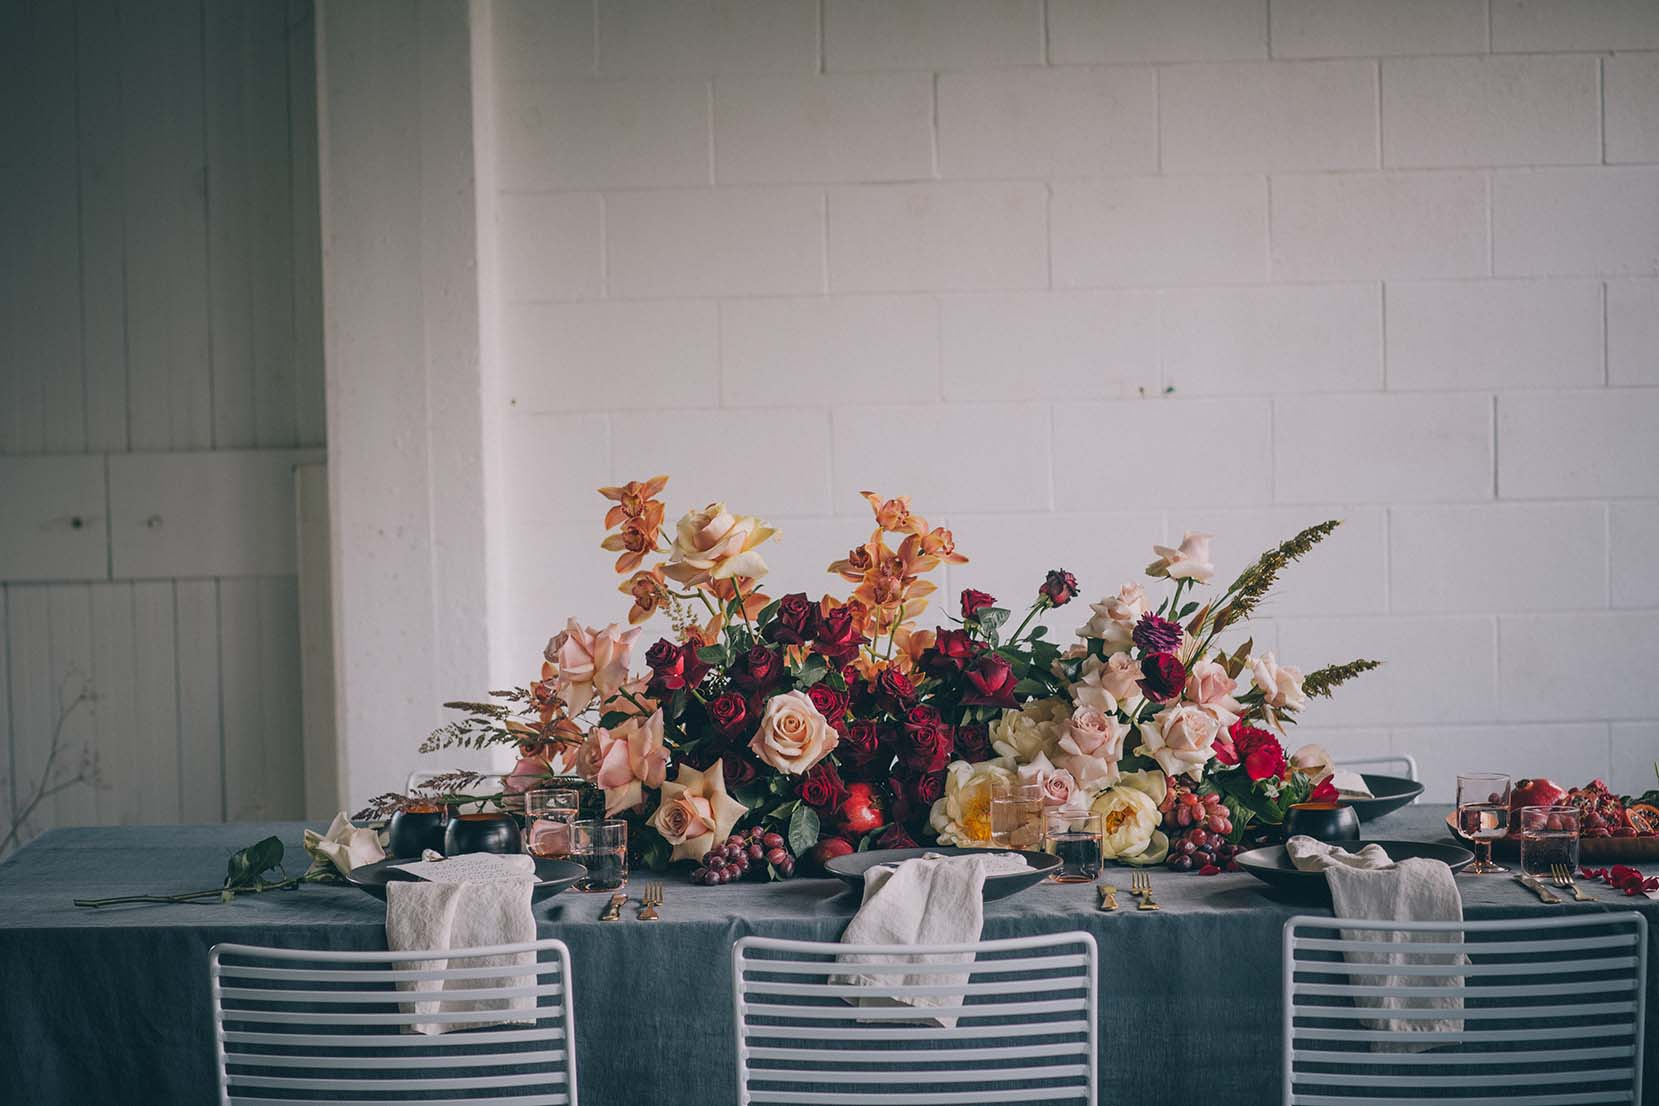 Categories: Weddings-Modern Day Renaissance